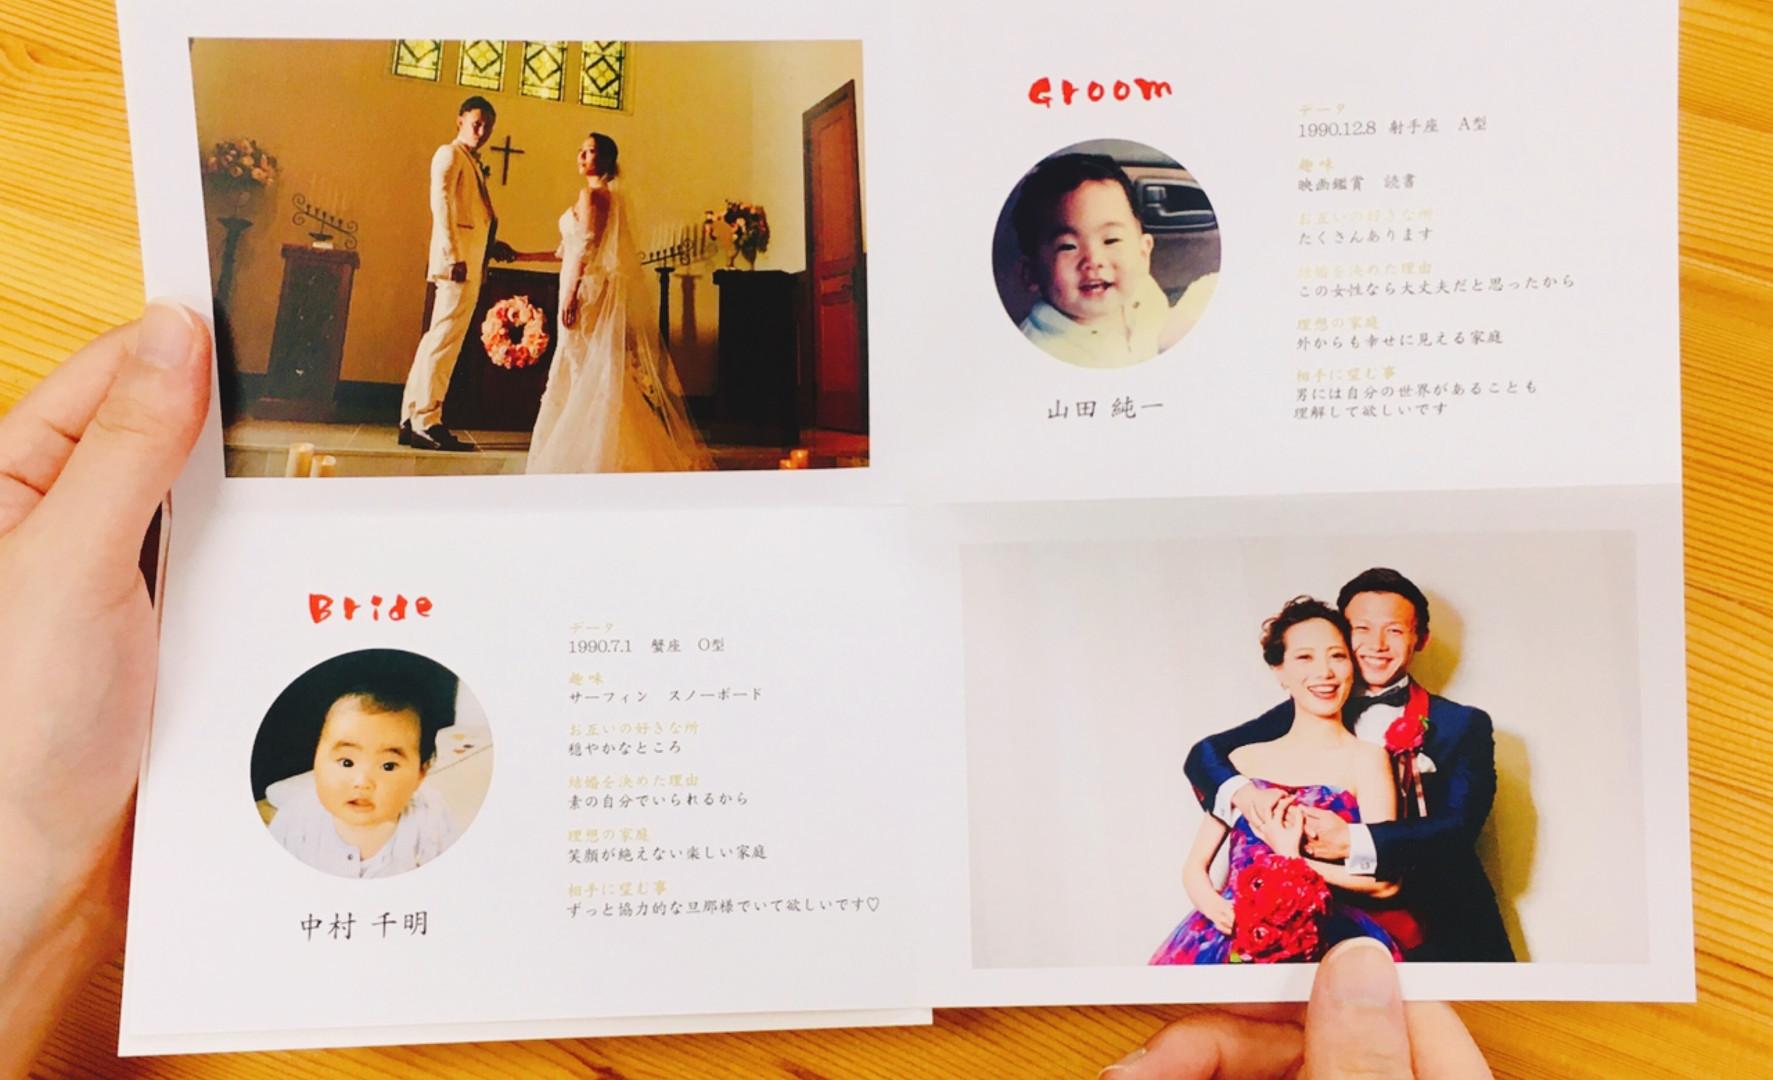 手持ち Just married デザイン9-A-5.jpg